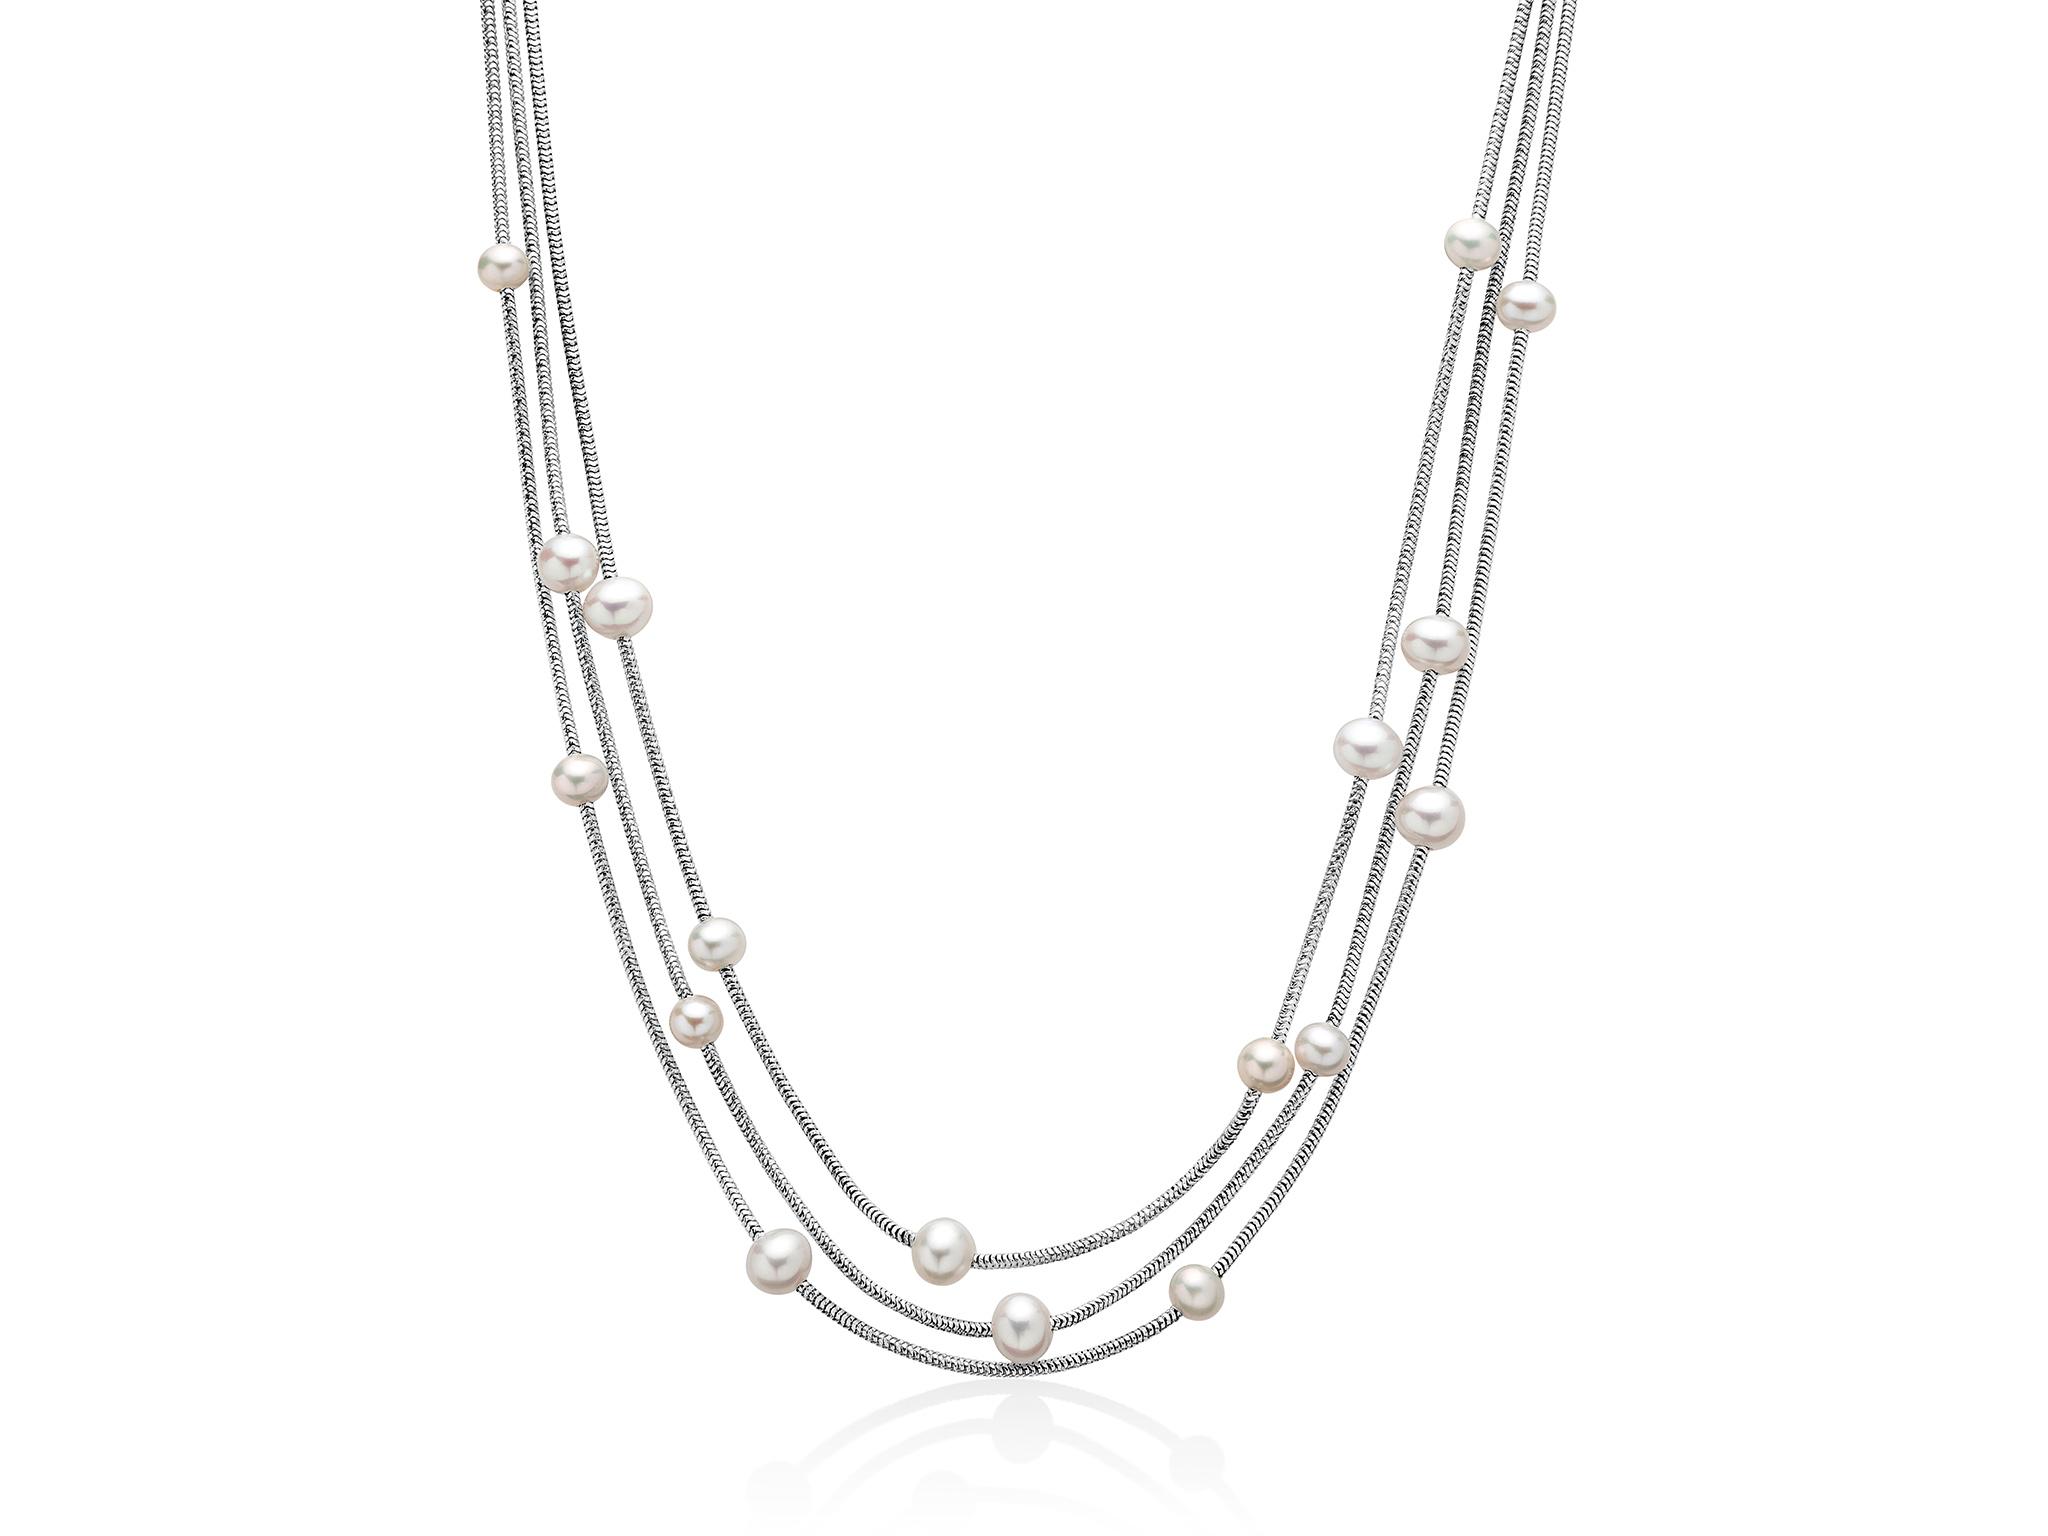 Collana multifilo con perle in argento - PCL5628